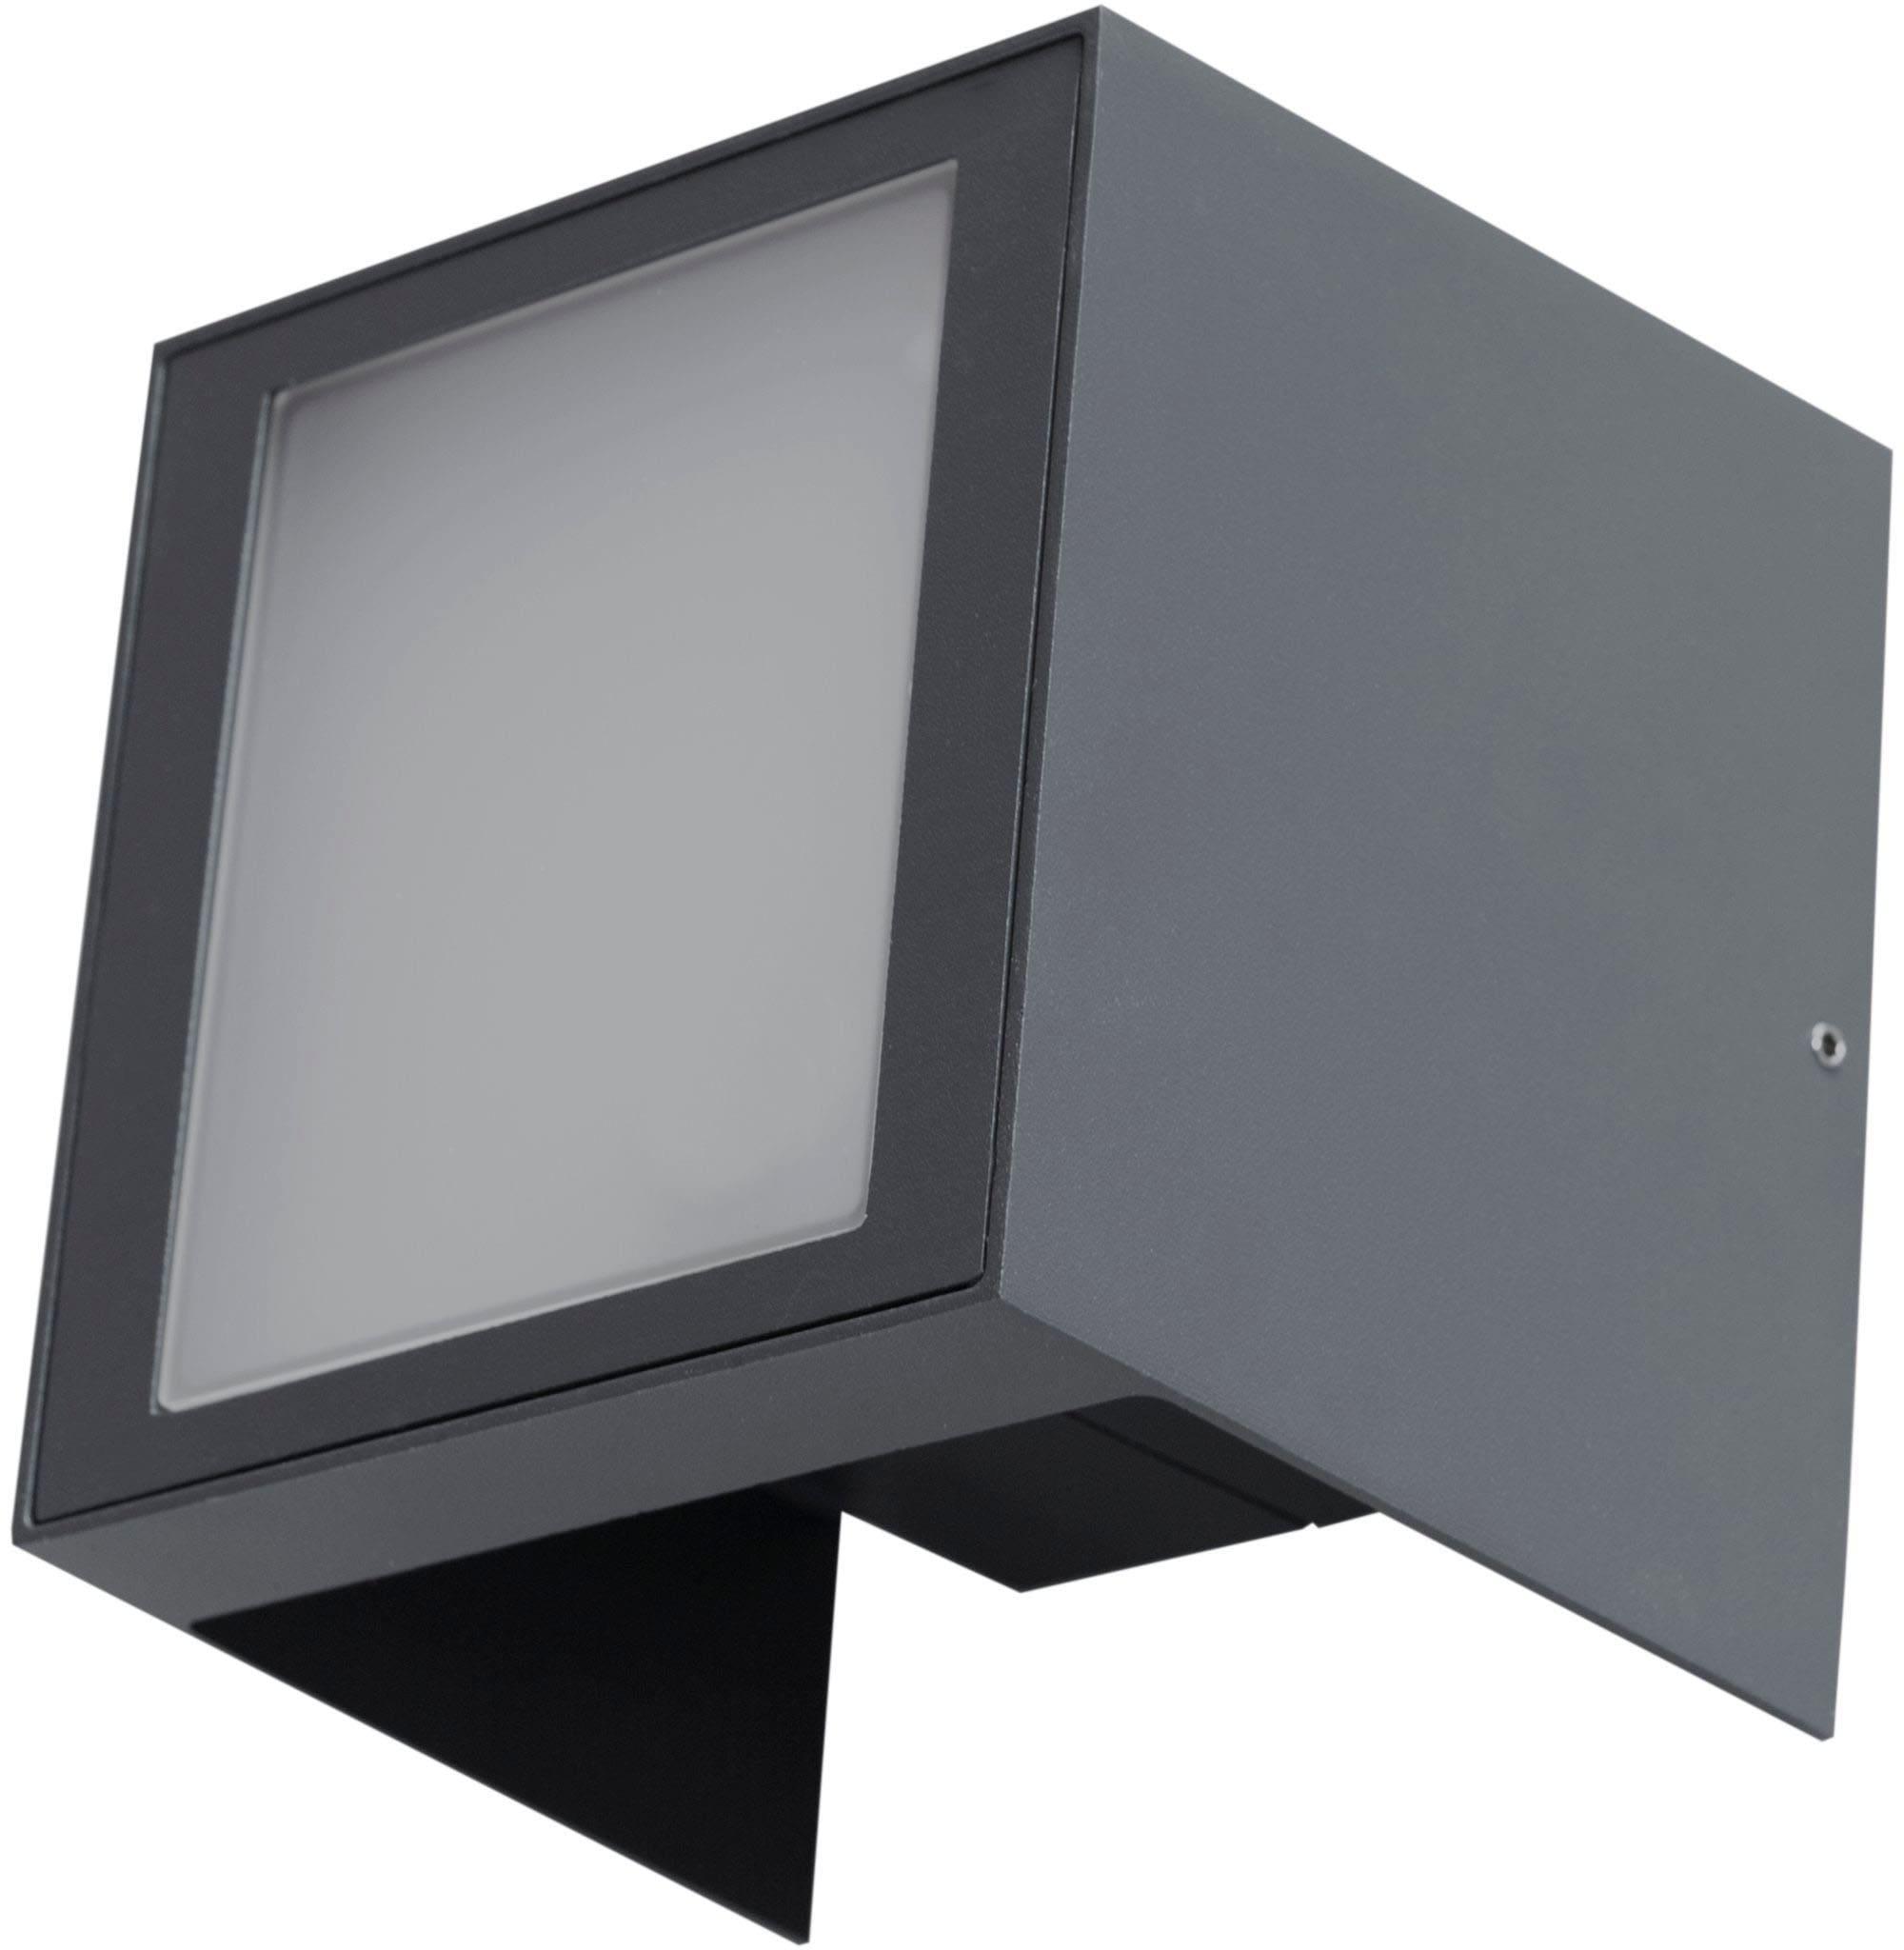 HEITRONIC Außen-Wandleuchte Plaza, LED-Board, Warmweiß, Lichtaustritt oben und unten individuell verstellbar